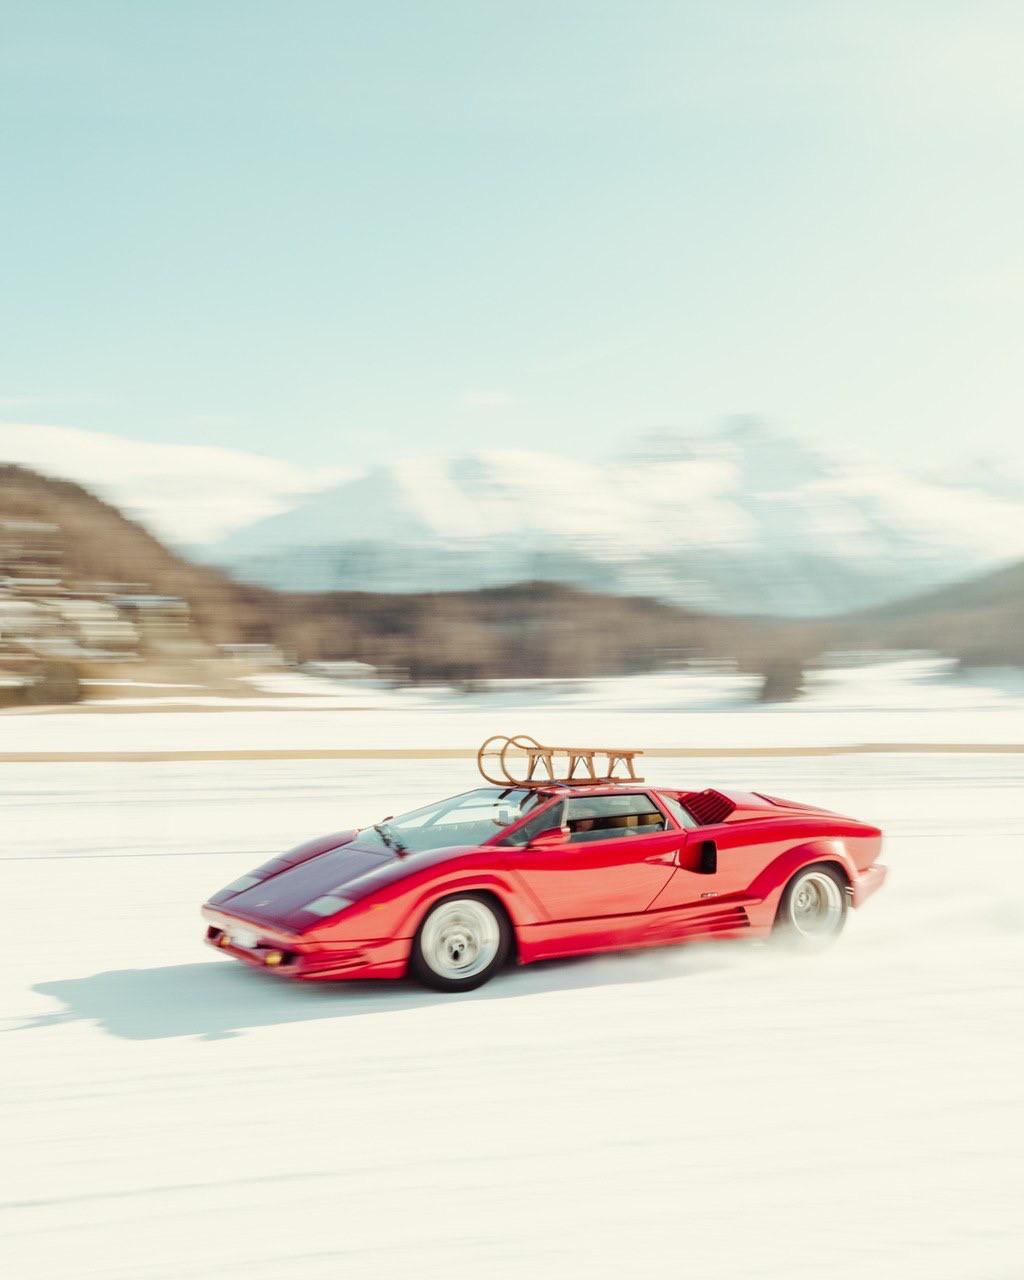 Sabato 29 febbraio appuntamento sul lago ghiacciato delle Alpi svizzere per un weekend dedicato agli appassionati di auto classiche, vintage e di corsa. Foto di Davide De Martis@defuntis